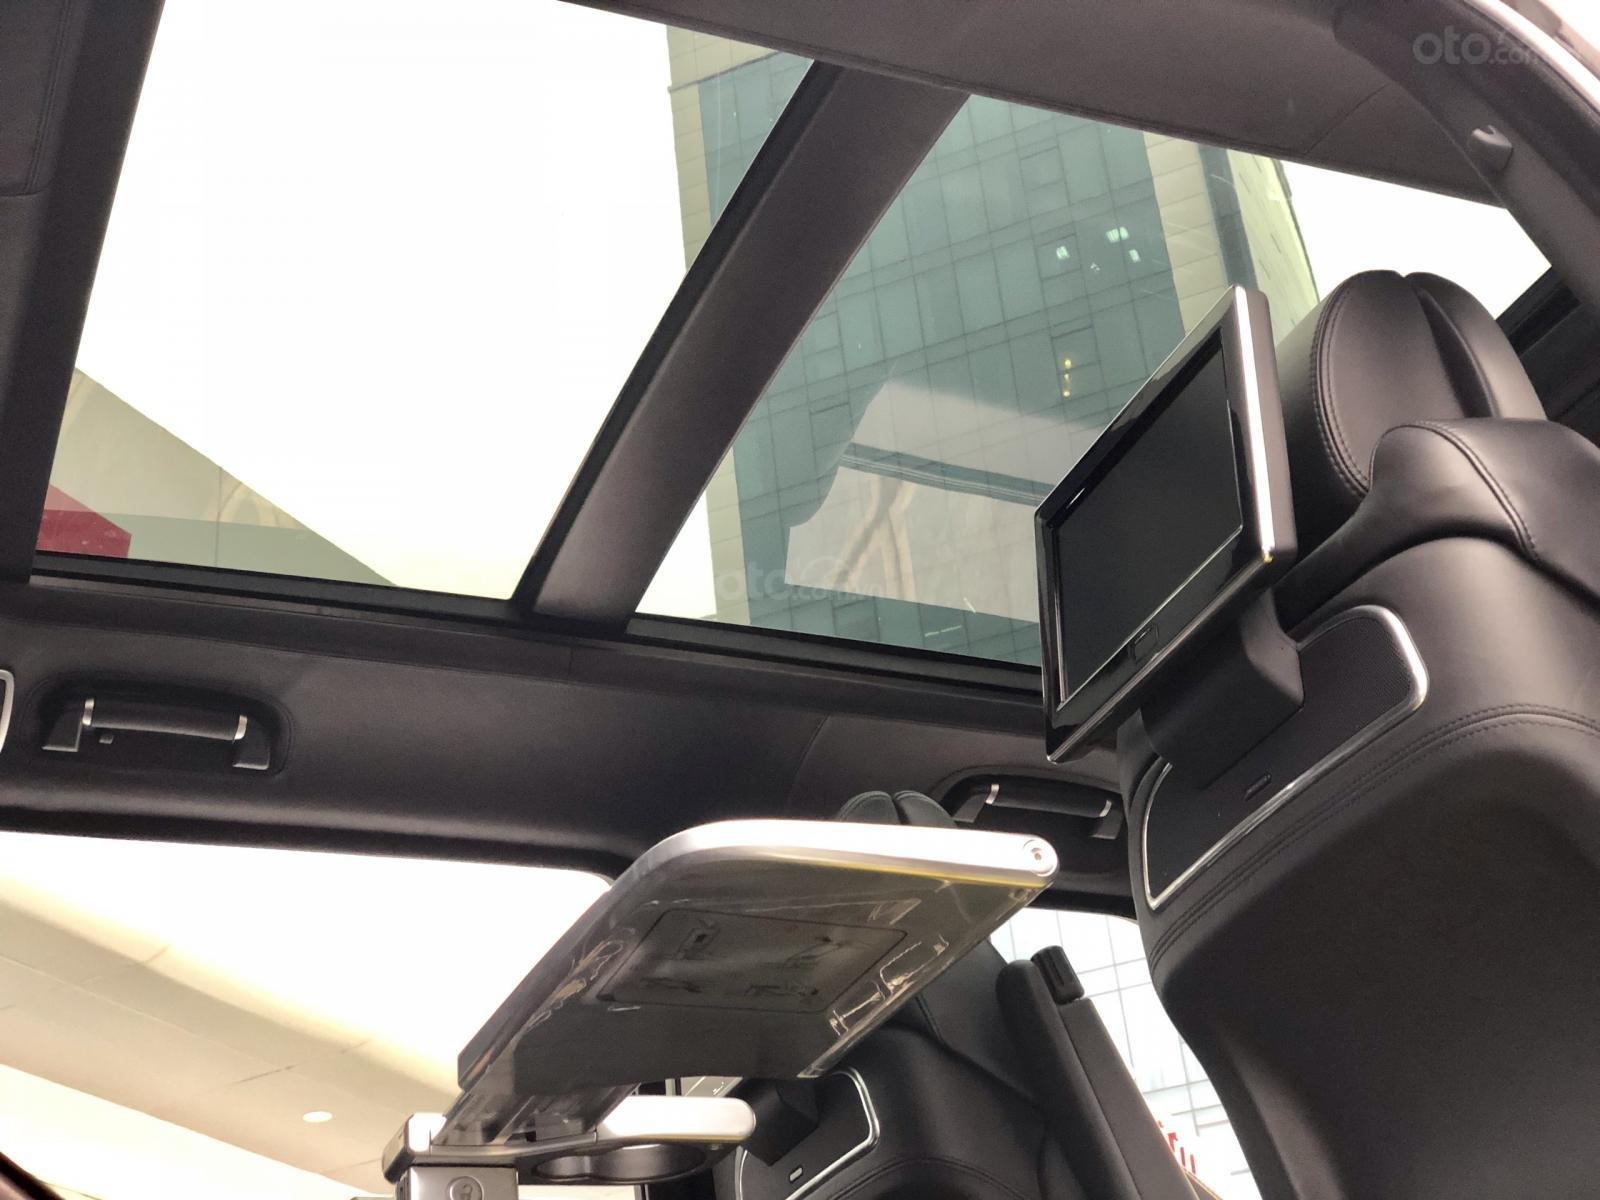 Bán Range Rover Black Edition SX 2015, siêu lướt giá tốt - LH Ms. Hương 094.539.2468 (9)